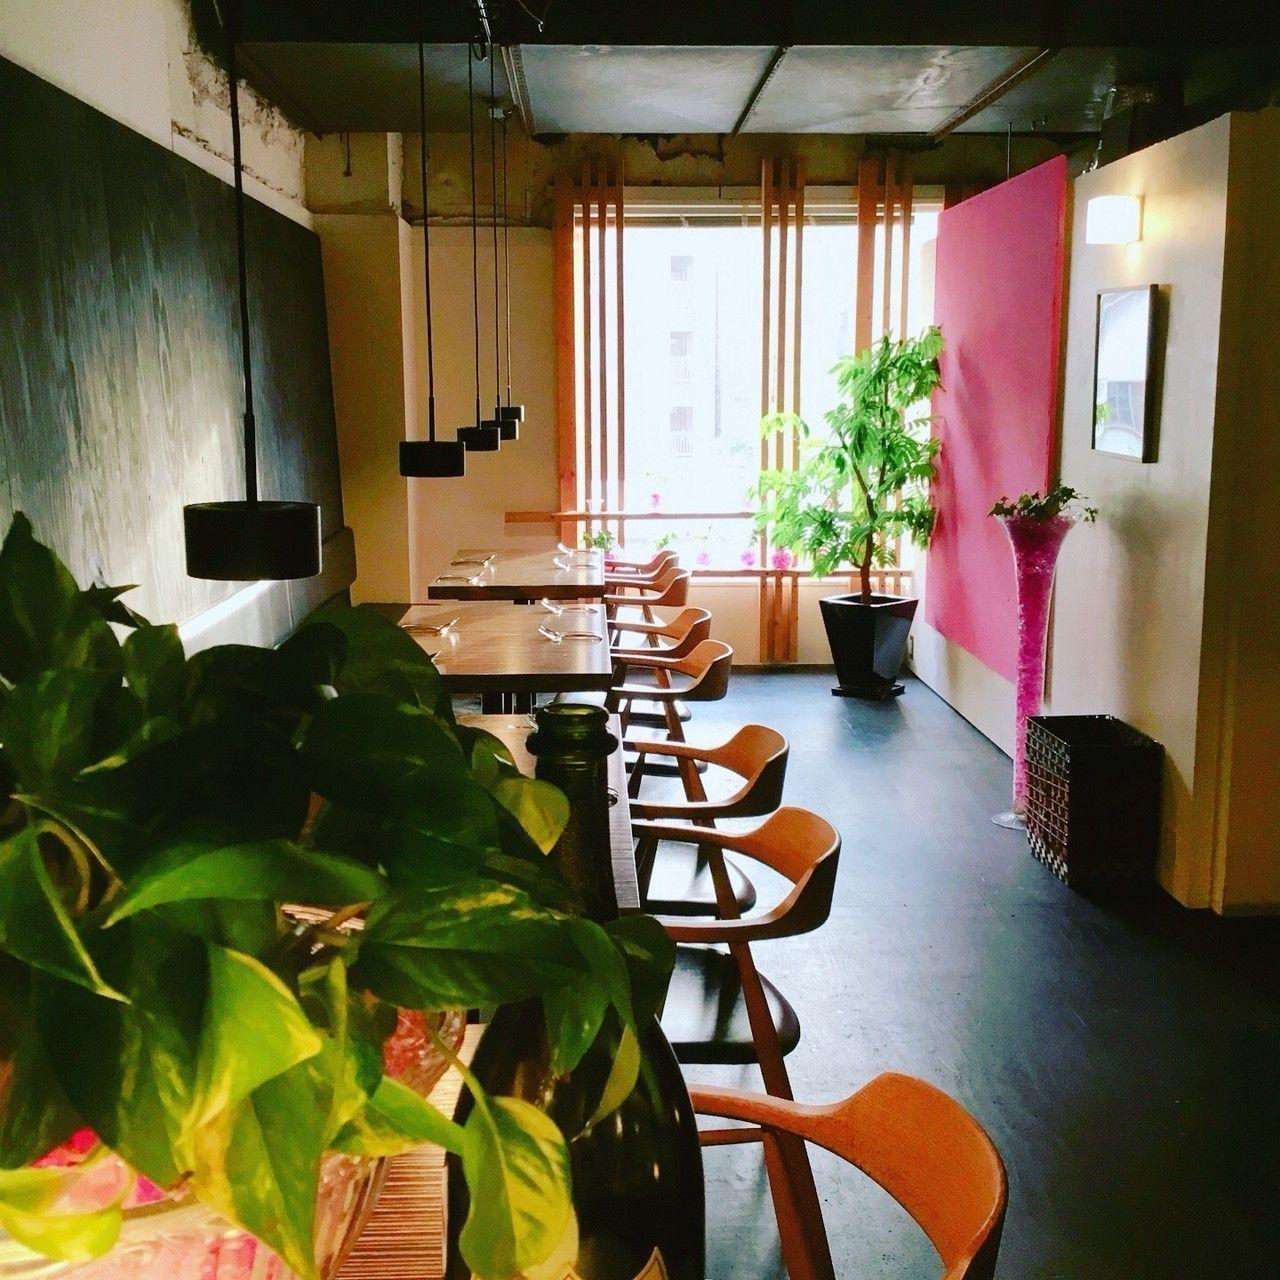 【札幌×ワイン】札幌で大人のひとときを。筆者おすすめ店7選!の画像